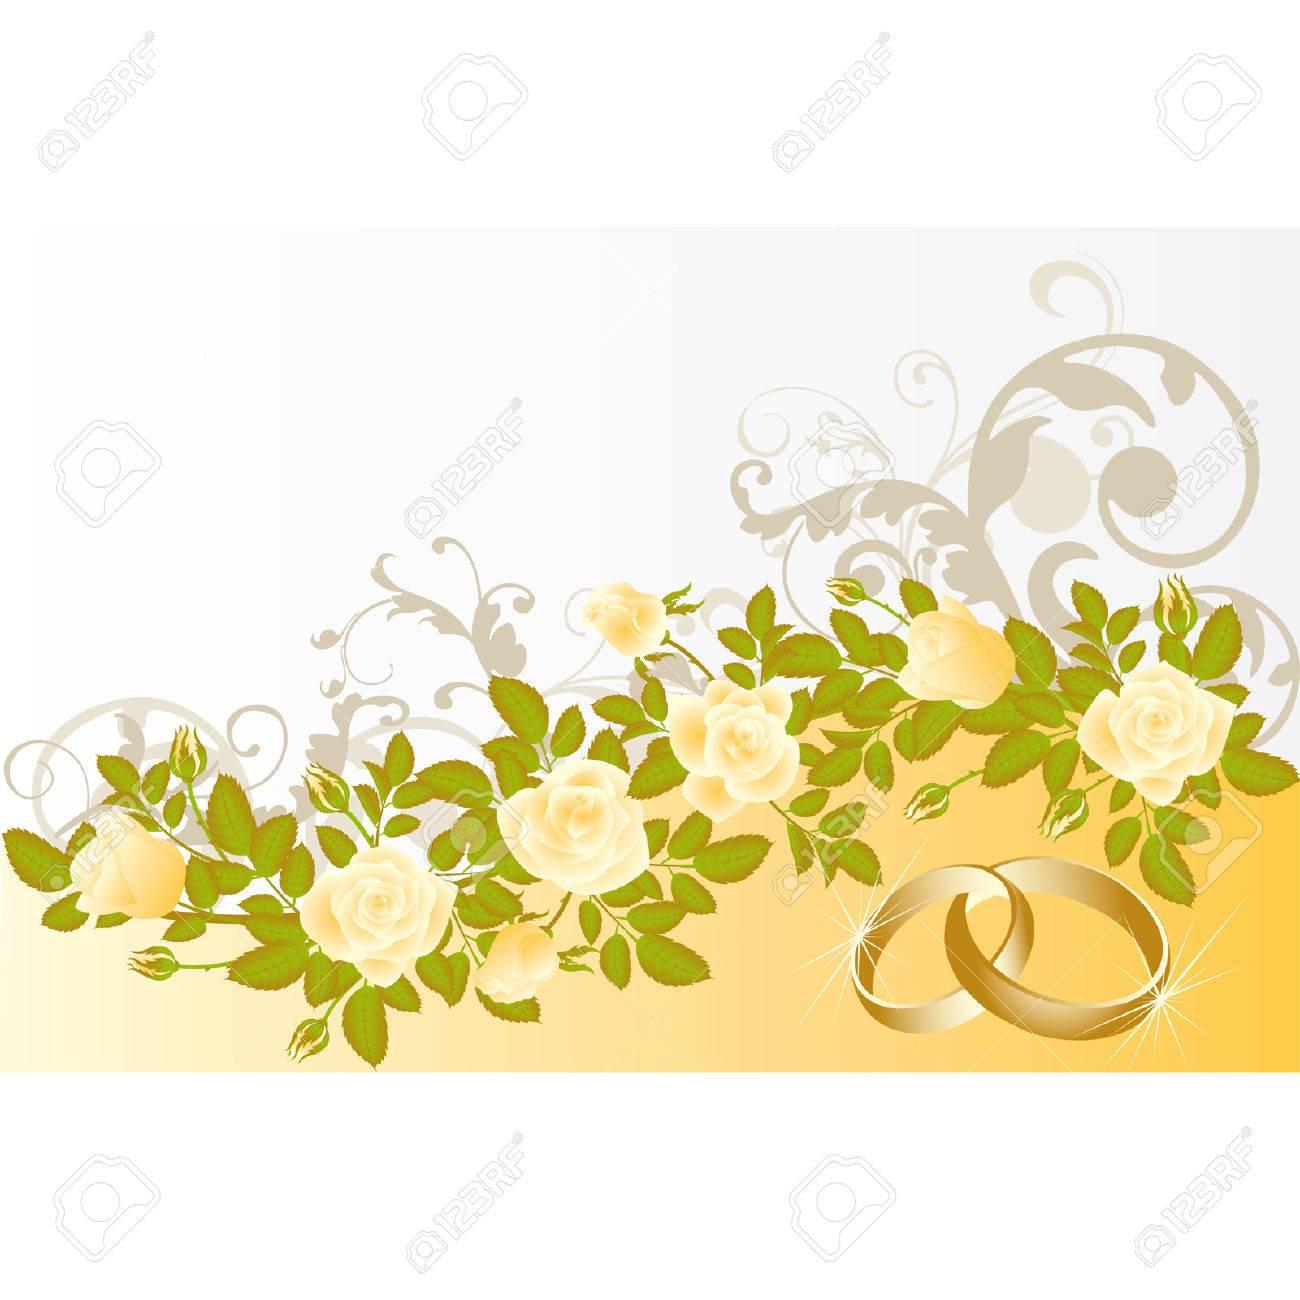 wedding card Stock Vector - 7056644